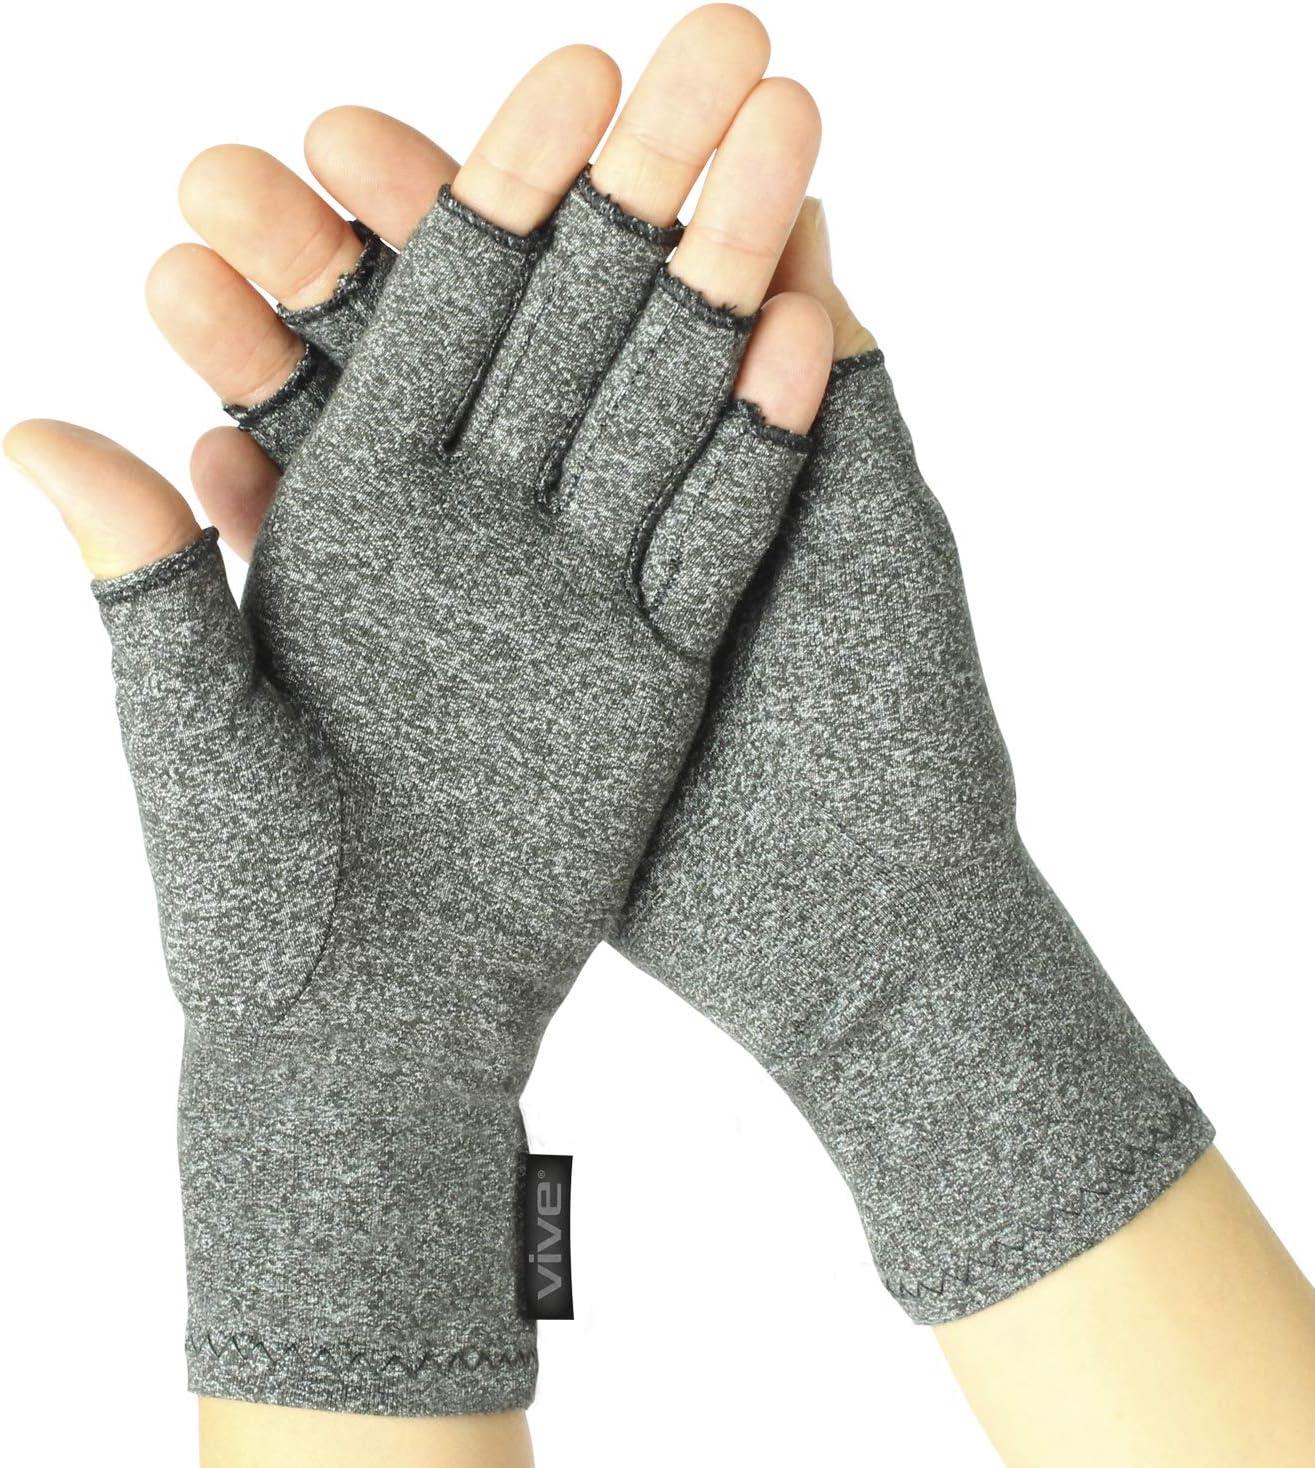 Artritis guantes por vive–Guantes de compresión para artritis y artrosis–Mano Guantes para artritis (alivio de dolor en las articulaciones síntoma–Hombres y Mujeres–Abrir El Dedo, Large, 2